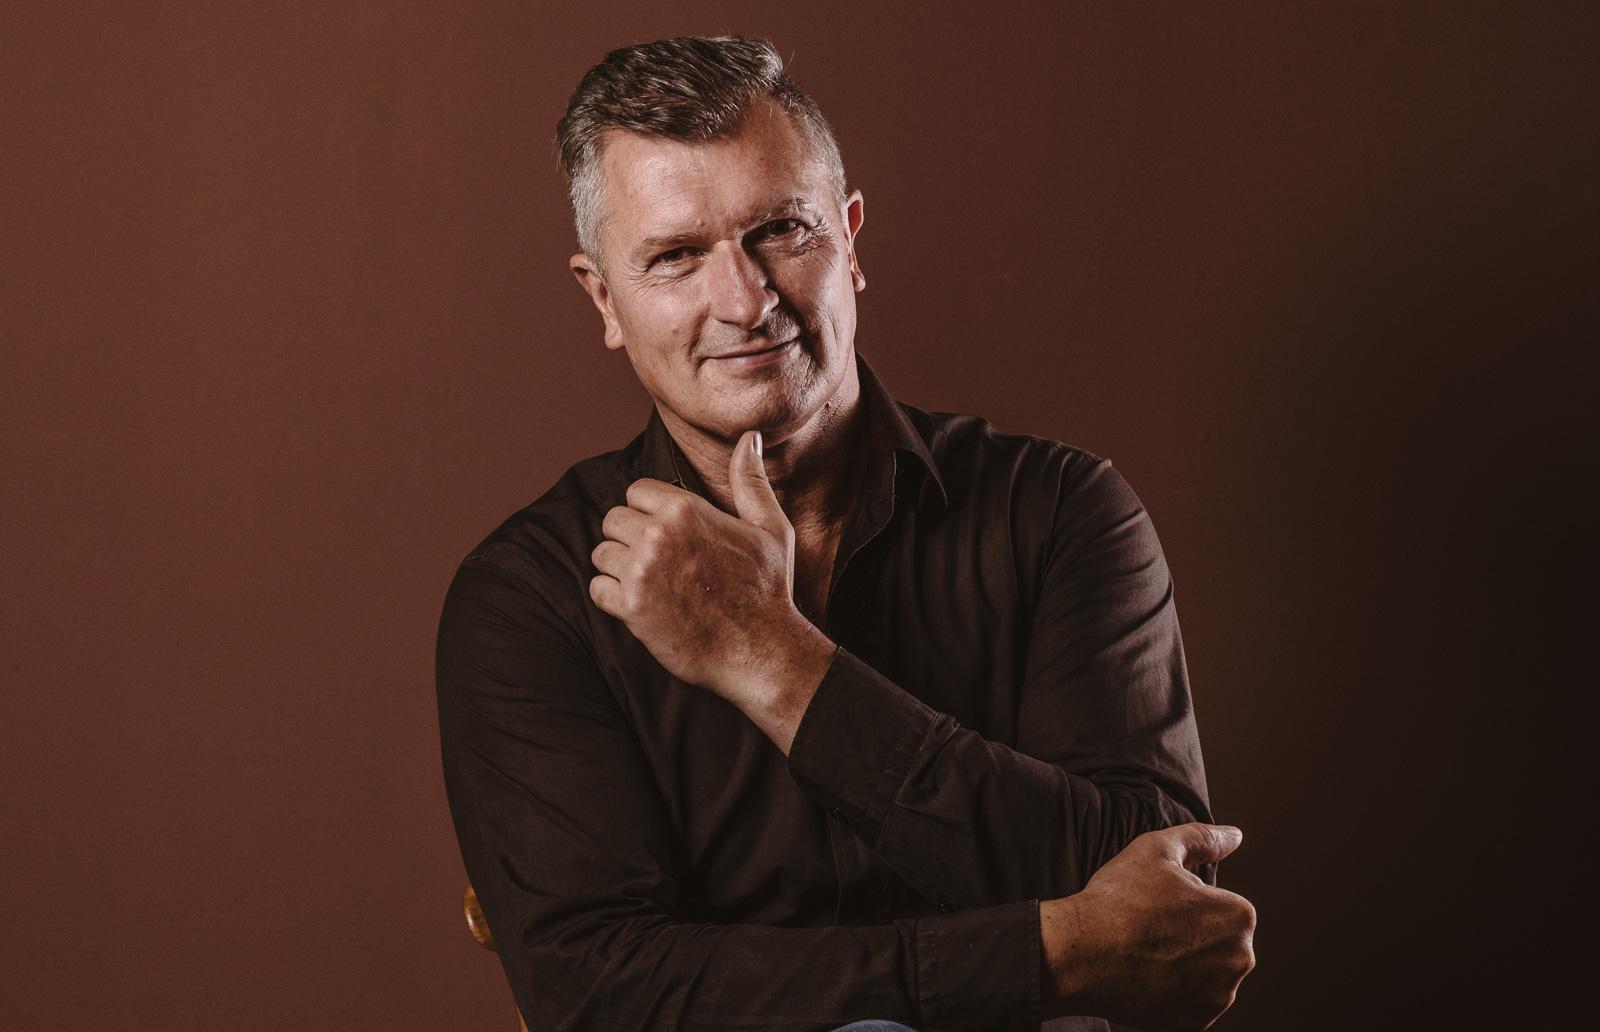 Porträtshooting - Persönlichkeit Gilbert Köhne als Marke vom Konzeptstore Herzblut in Bad Honnef